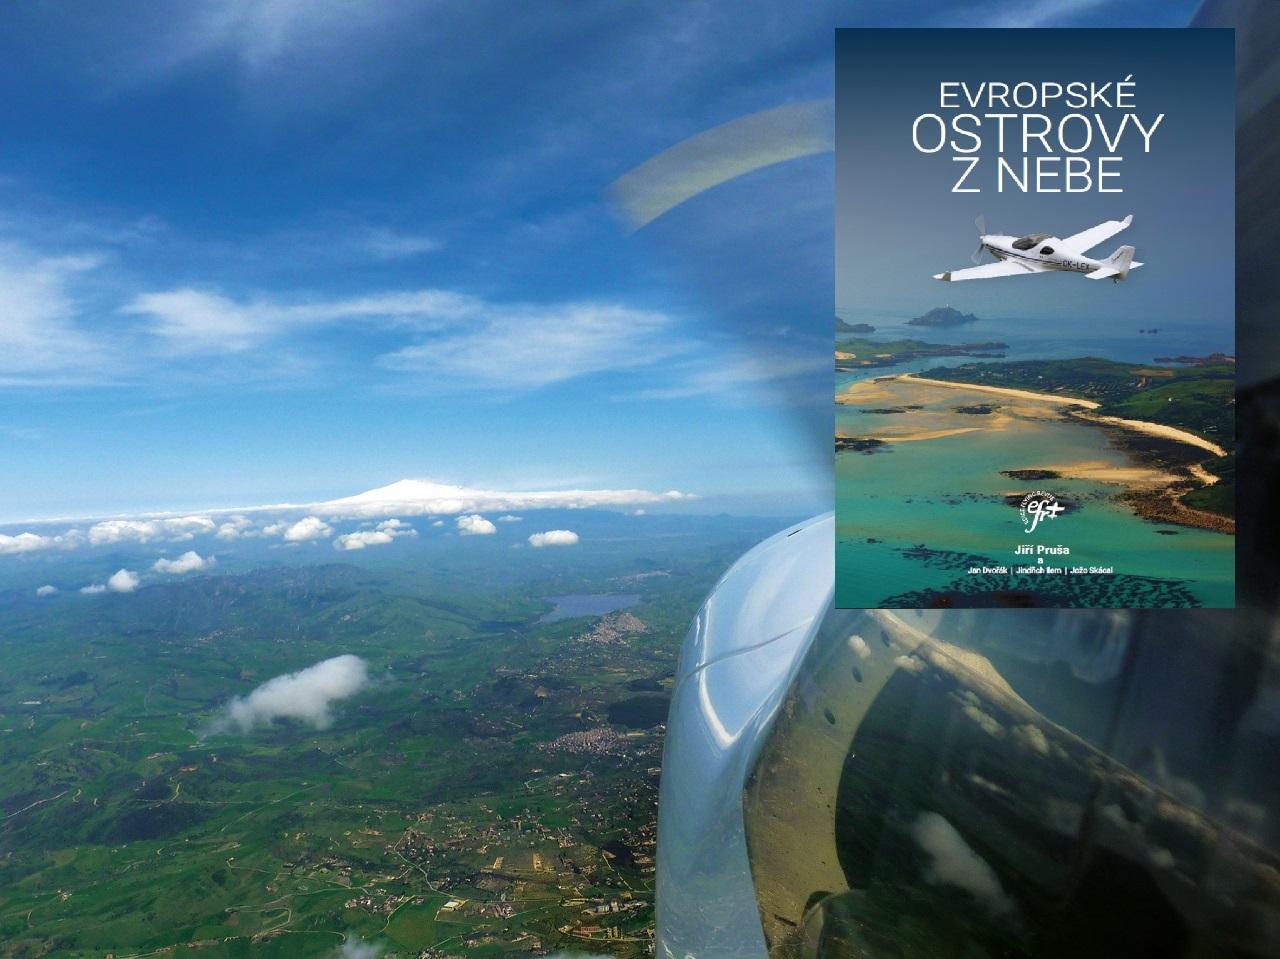 Právě vychází nejobsáhlejší kniha leteckých fotografií a reportáží z létání nad Evropou s názvem Evropské ostrovy z nebe